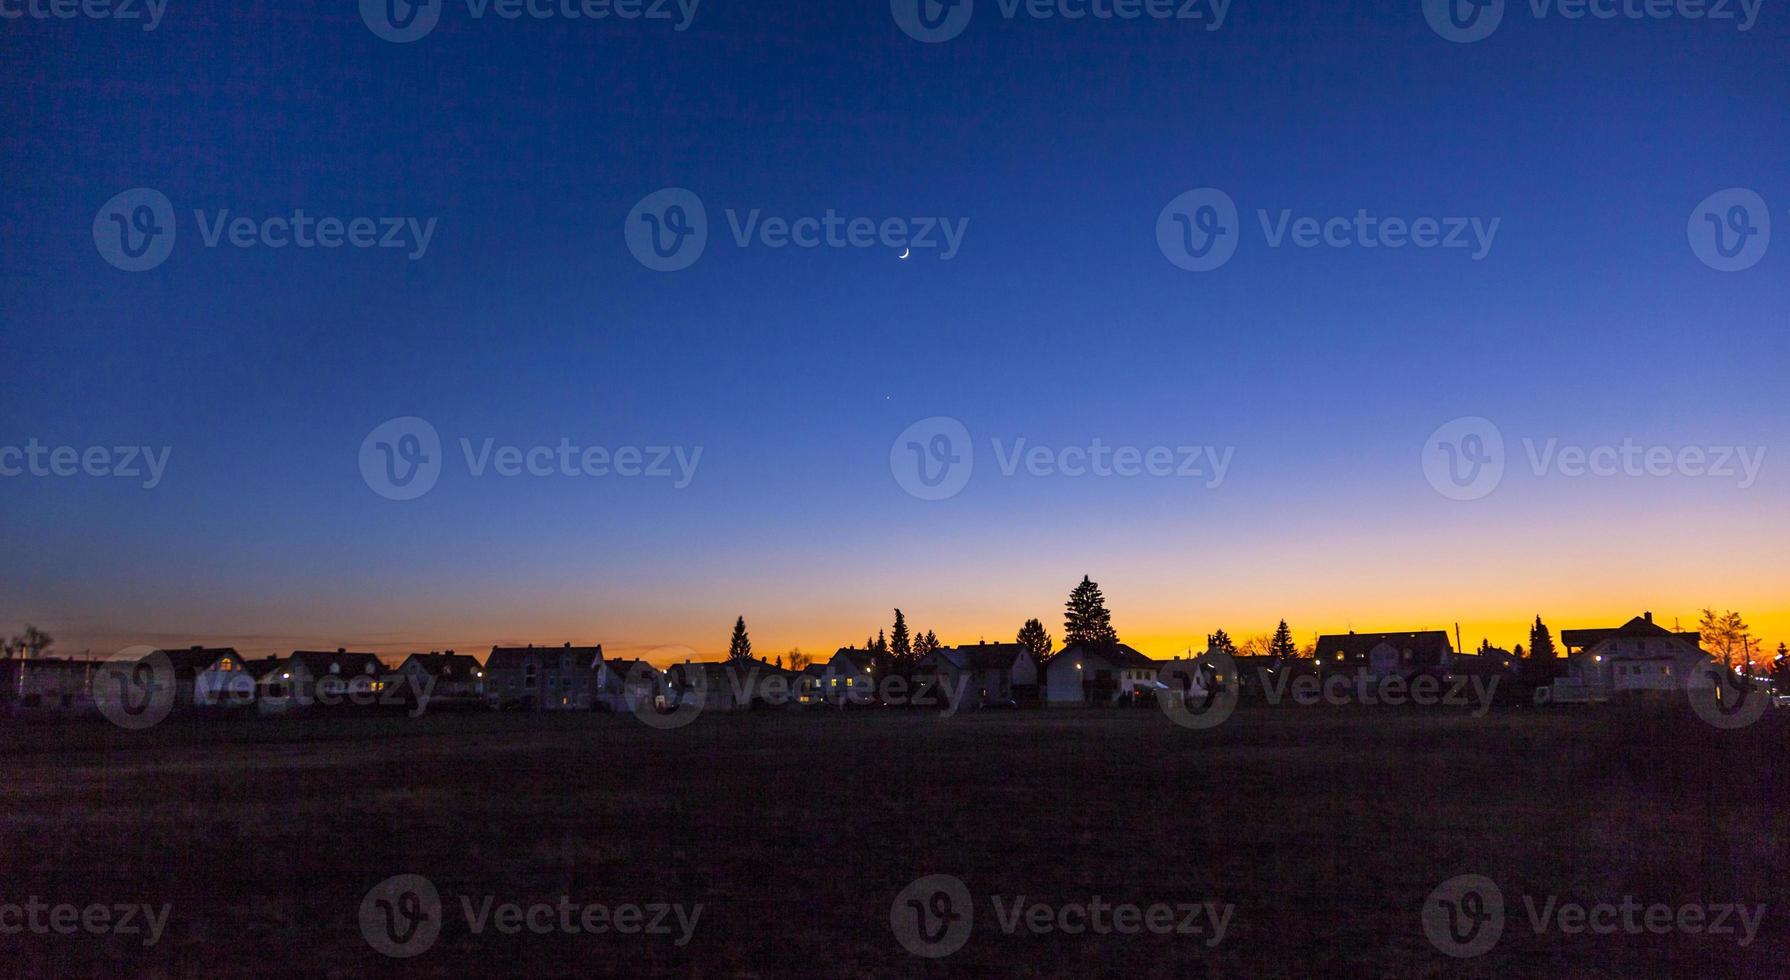 tramonto nella zona giorno suburbana foto